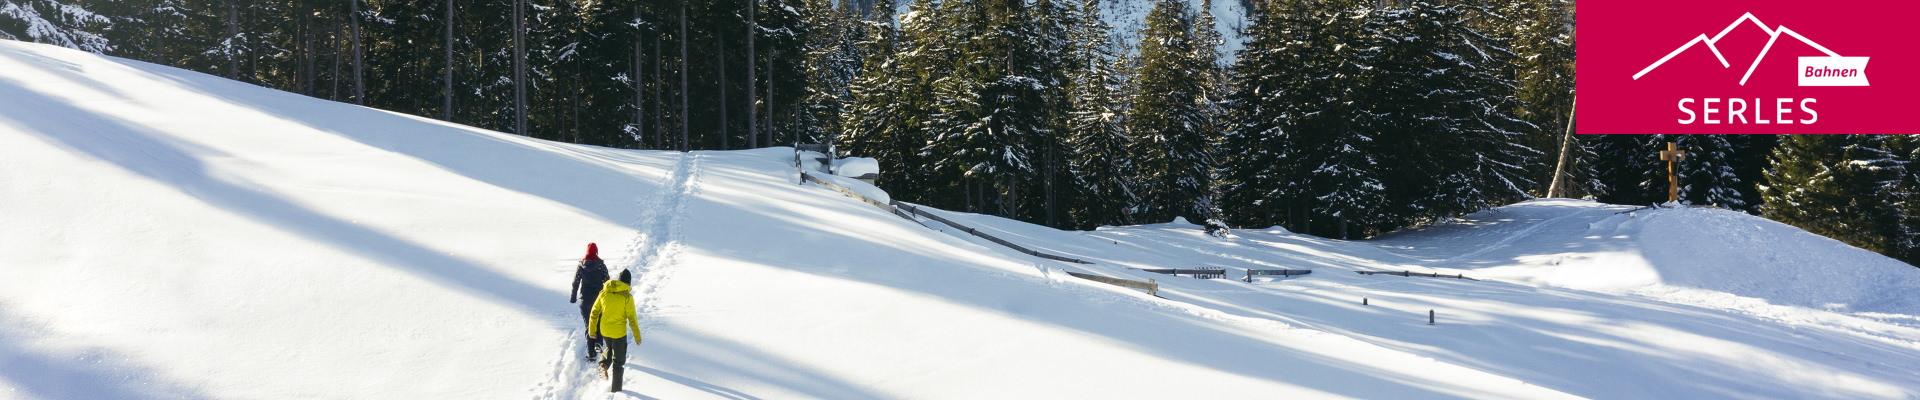 Winterwandern im Tiefschnee bei den Serlesbahnen